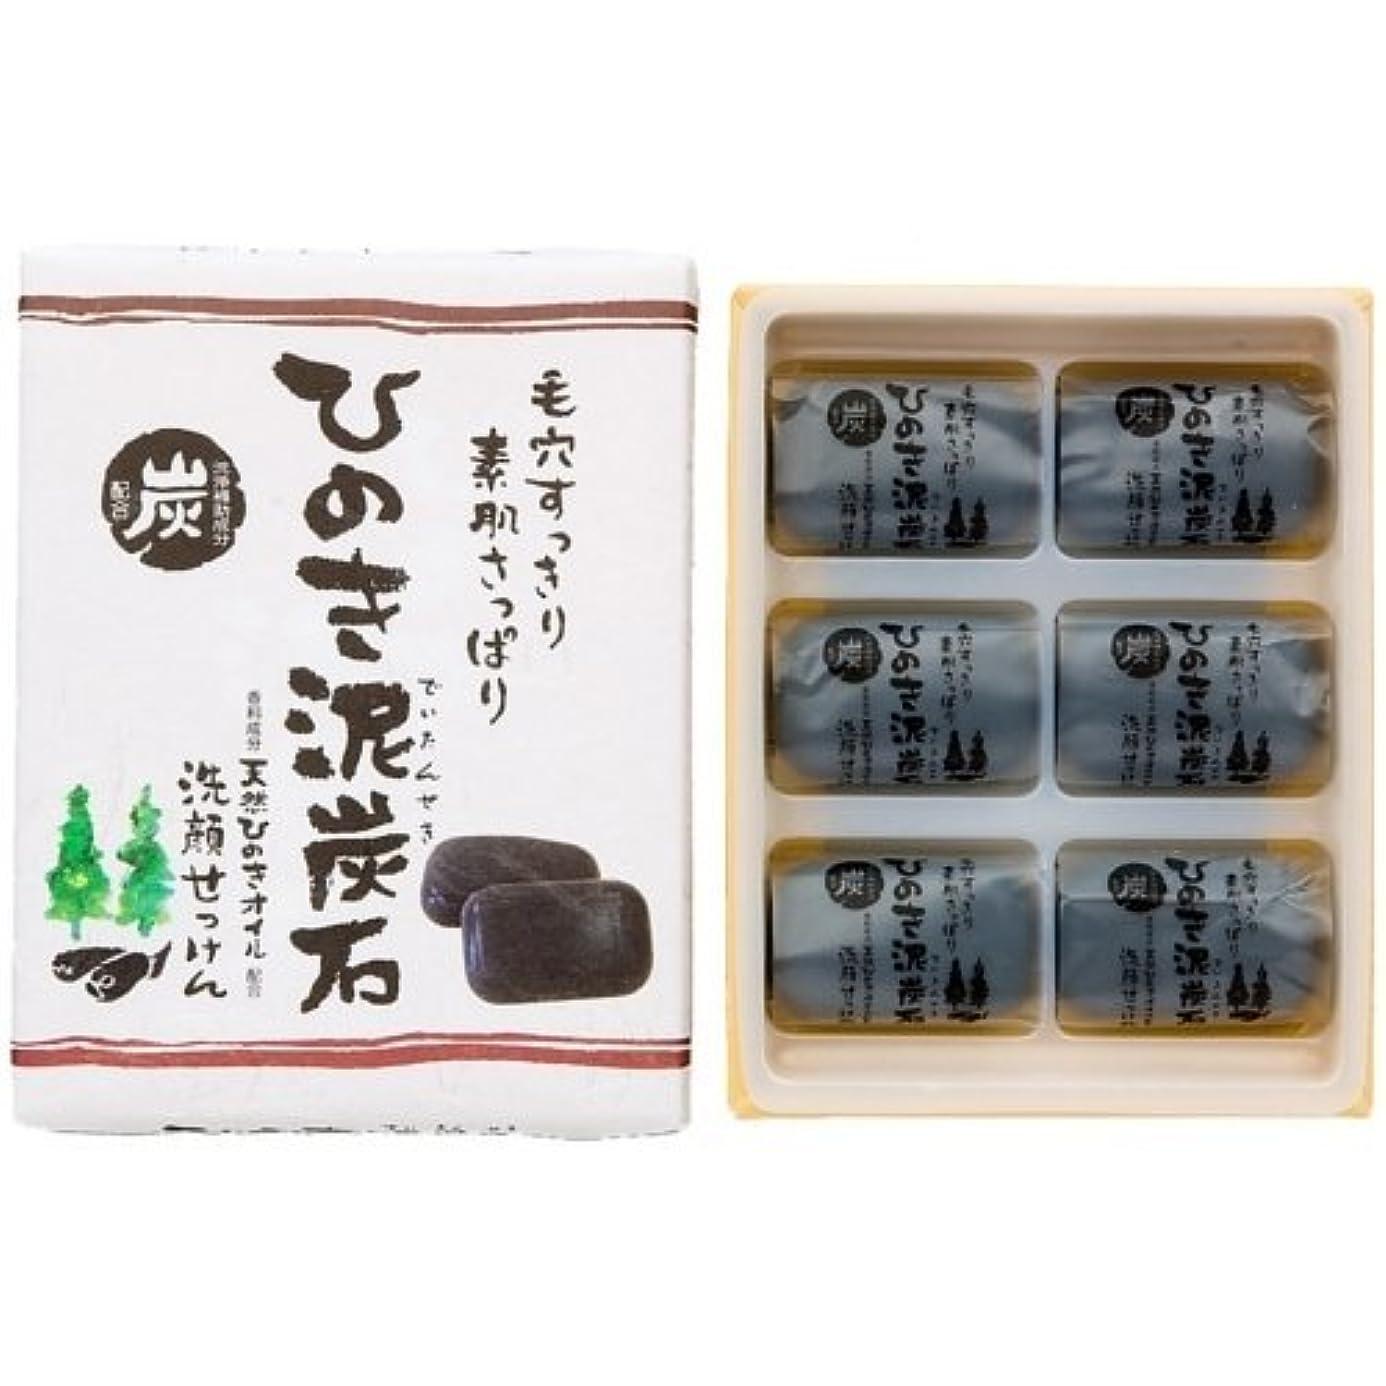 ミスペンド自我ナビゲーションひのき泥炭石 すっきりタイプ 黒 30g×6個入